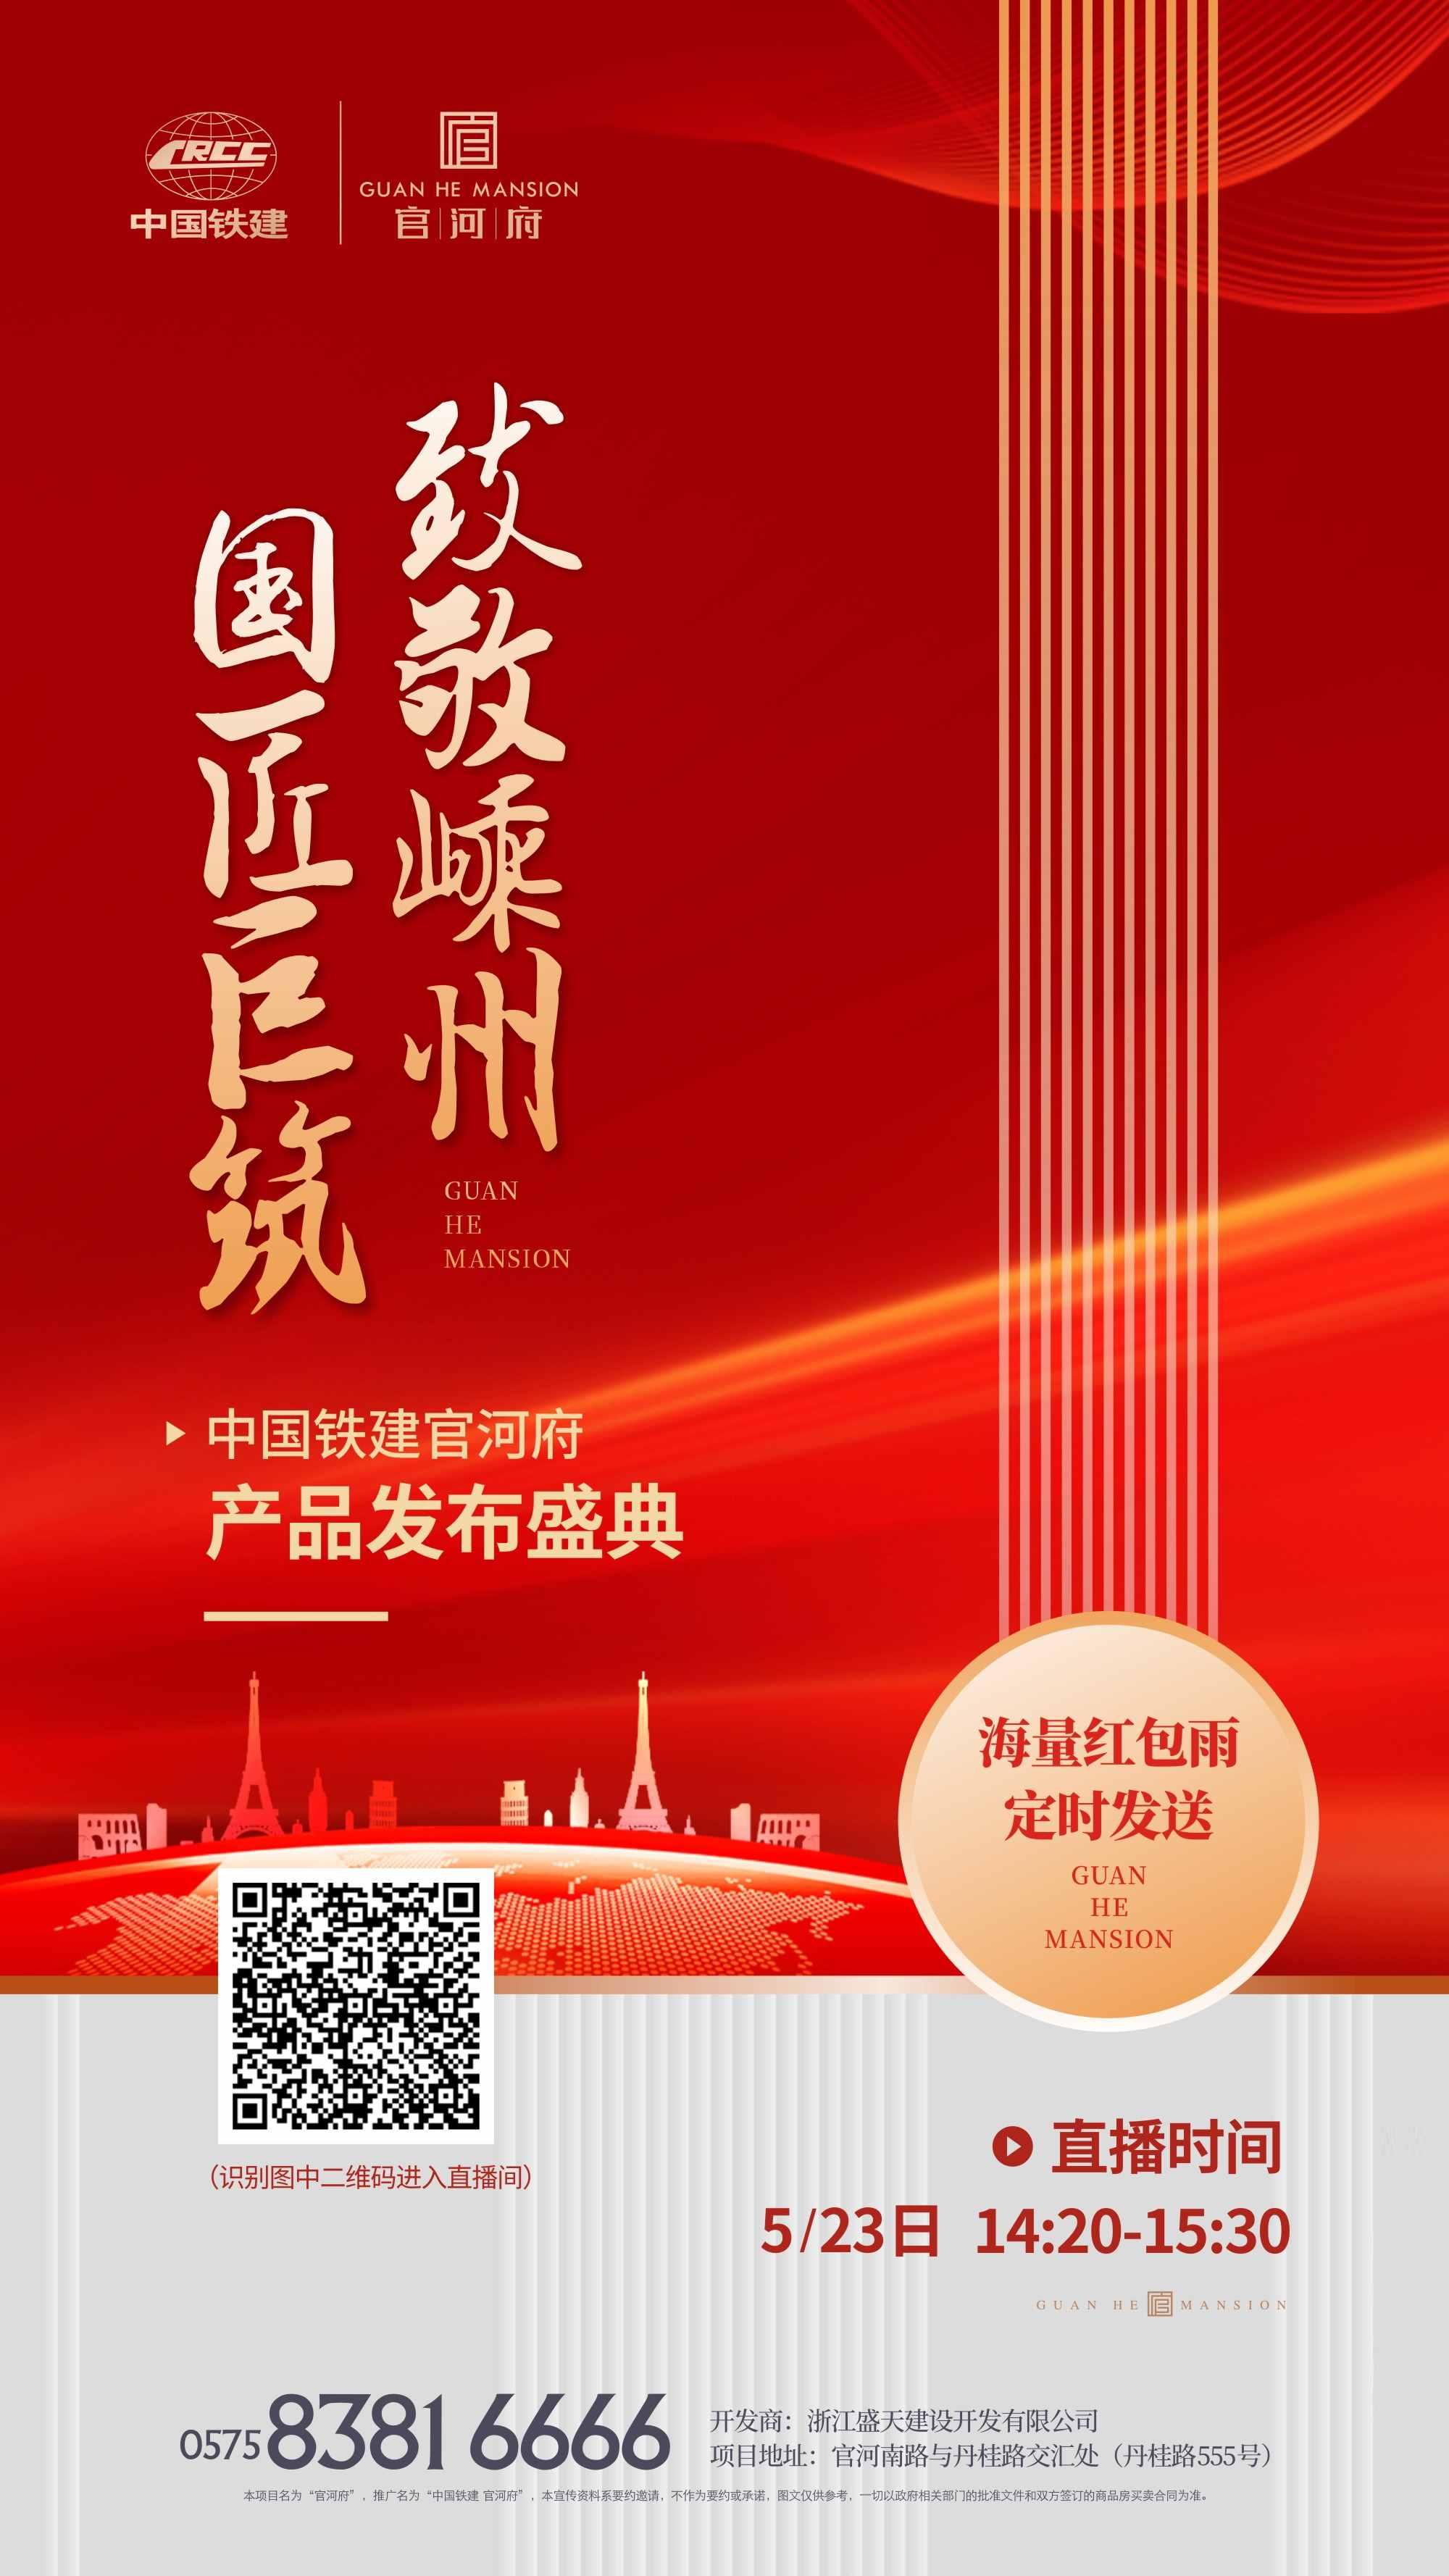 中国铁建 官河府产品发布盛典现场直播  海量红包雨定时放送